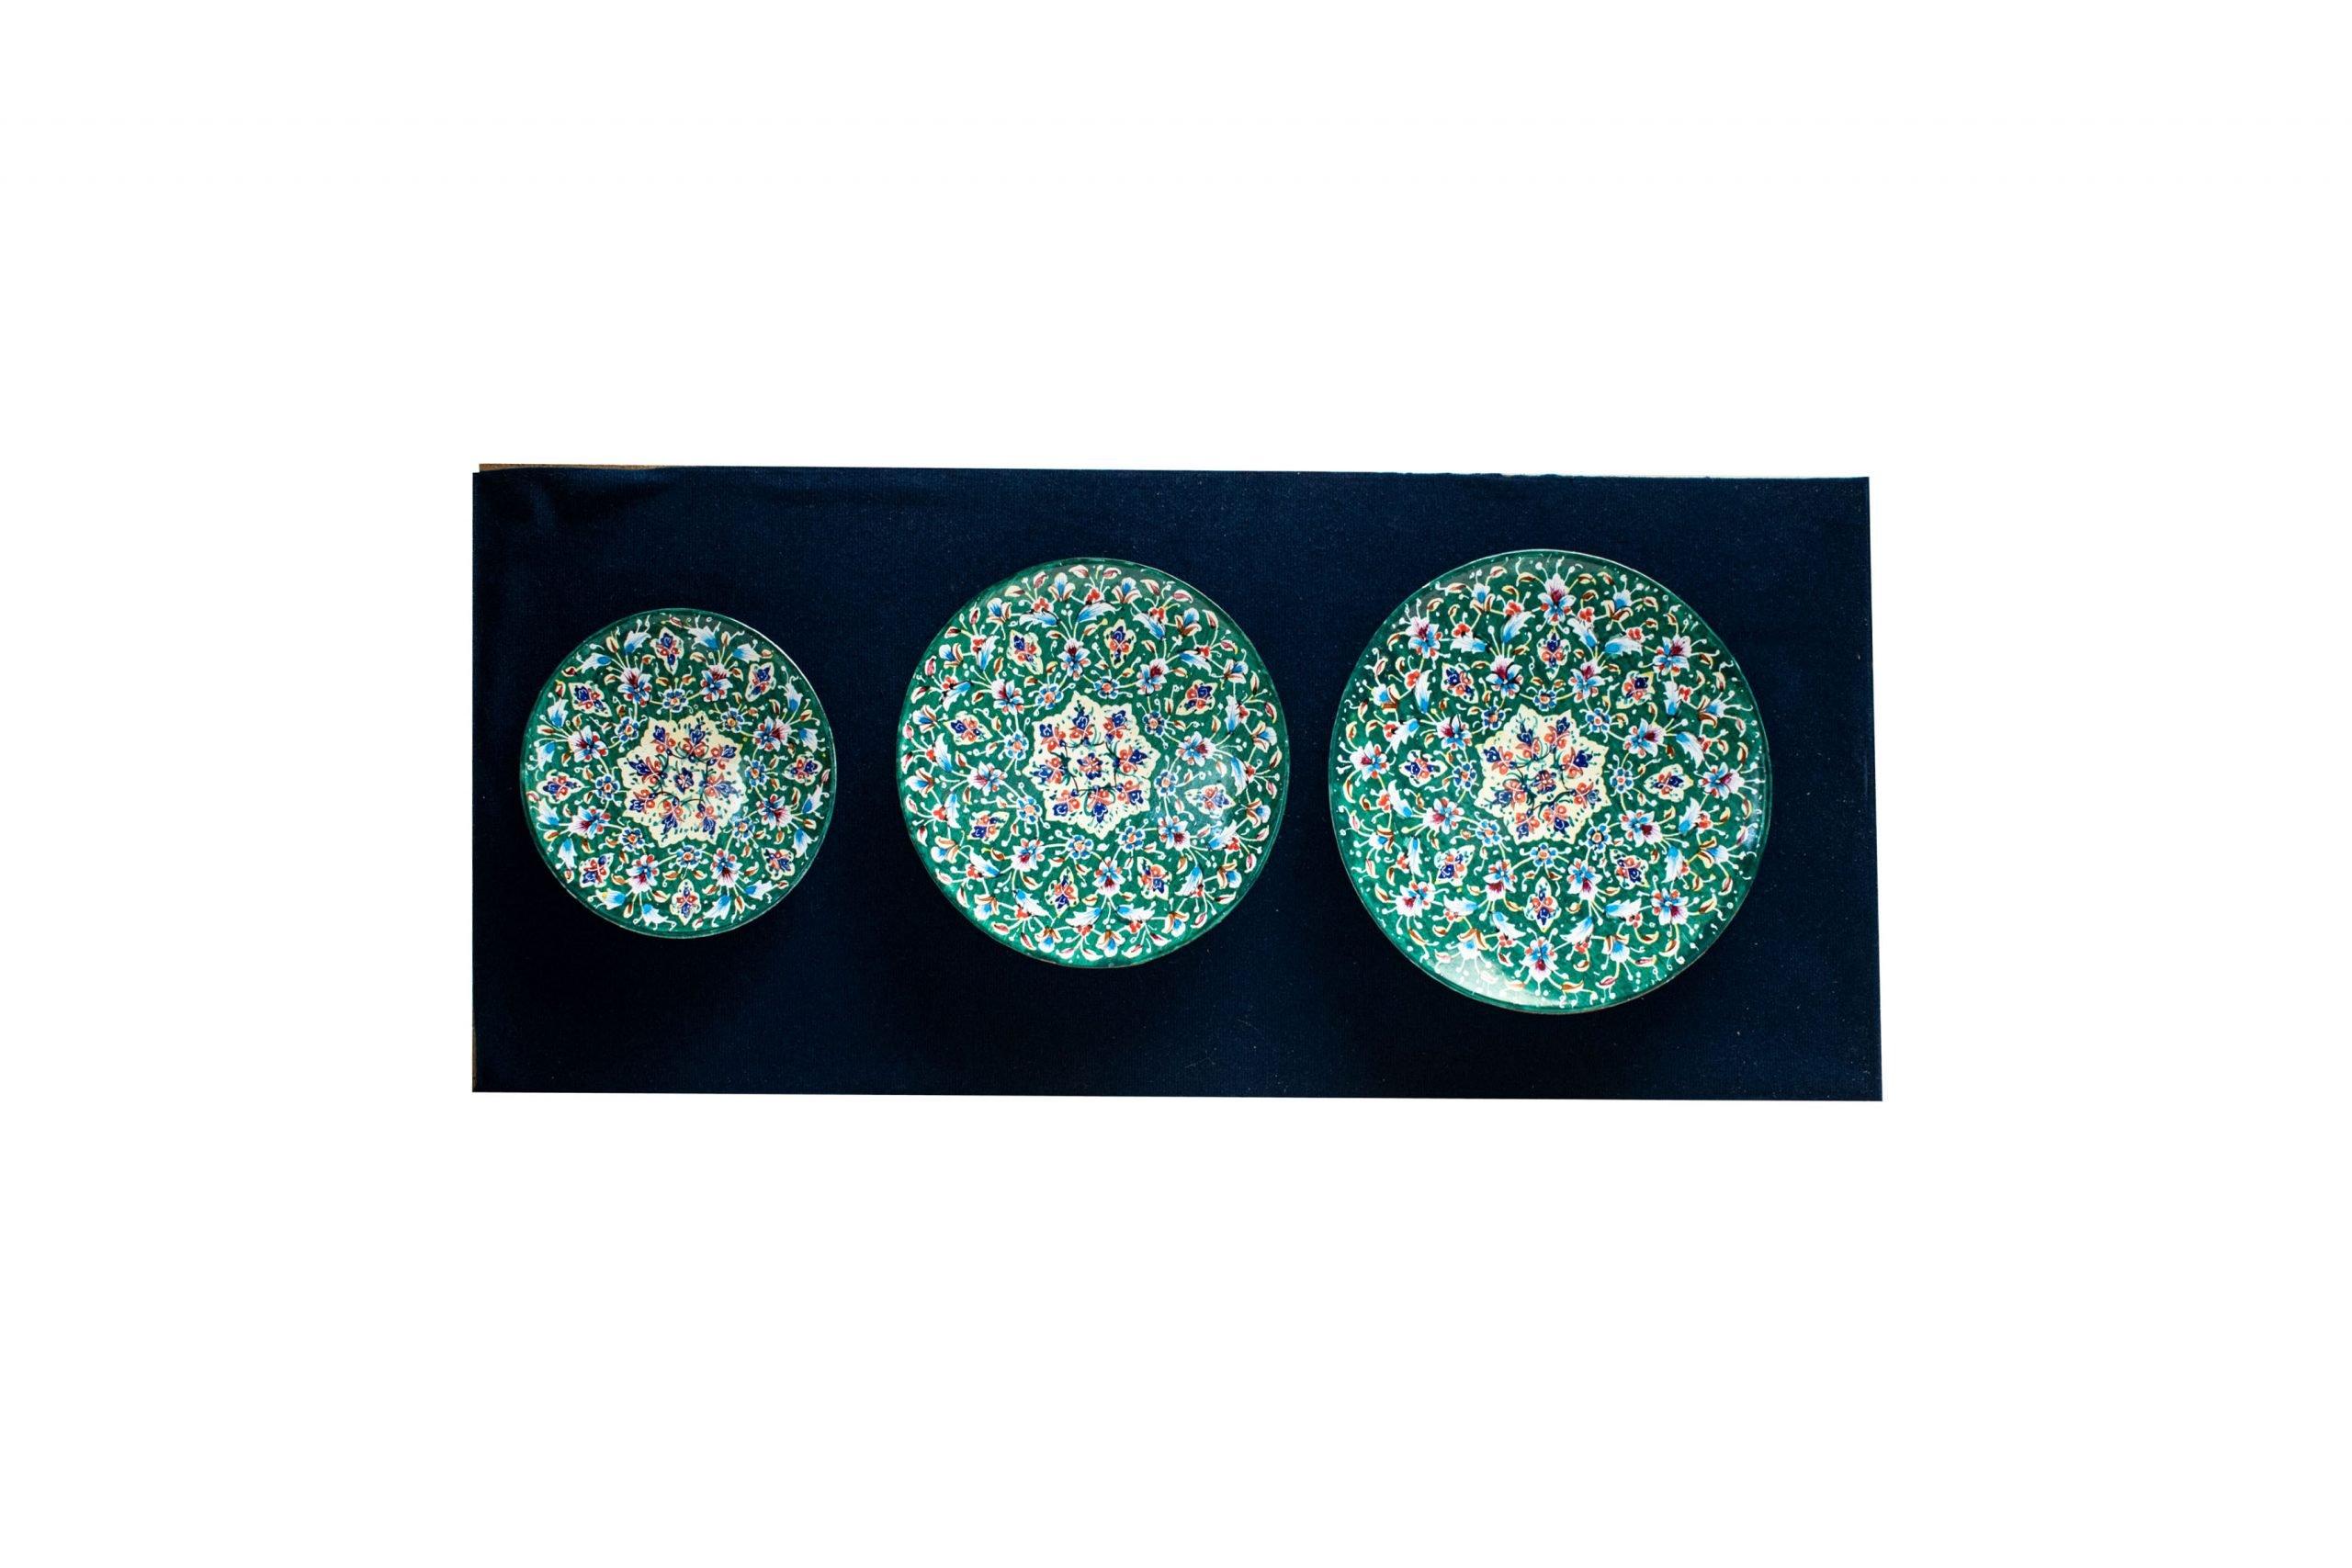 Persian Enamel Watercolour Painting Wall Art